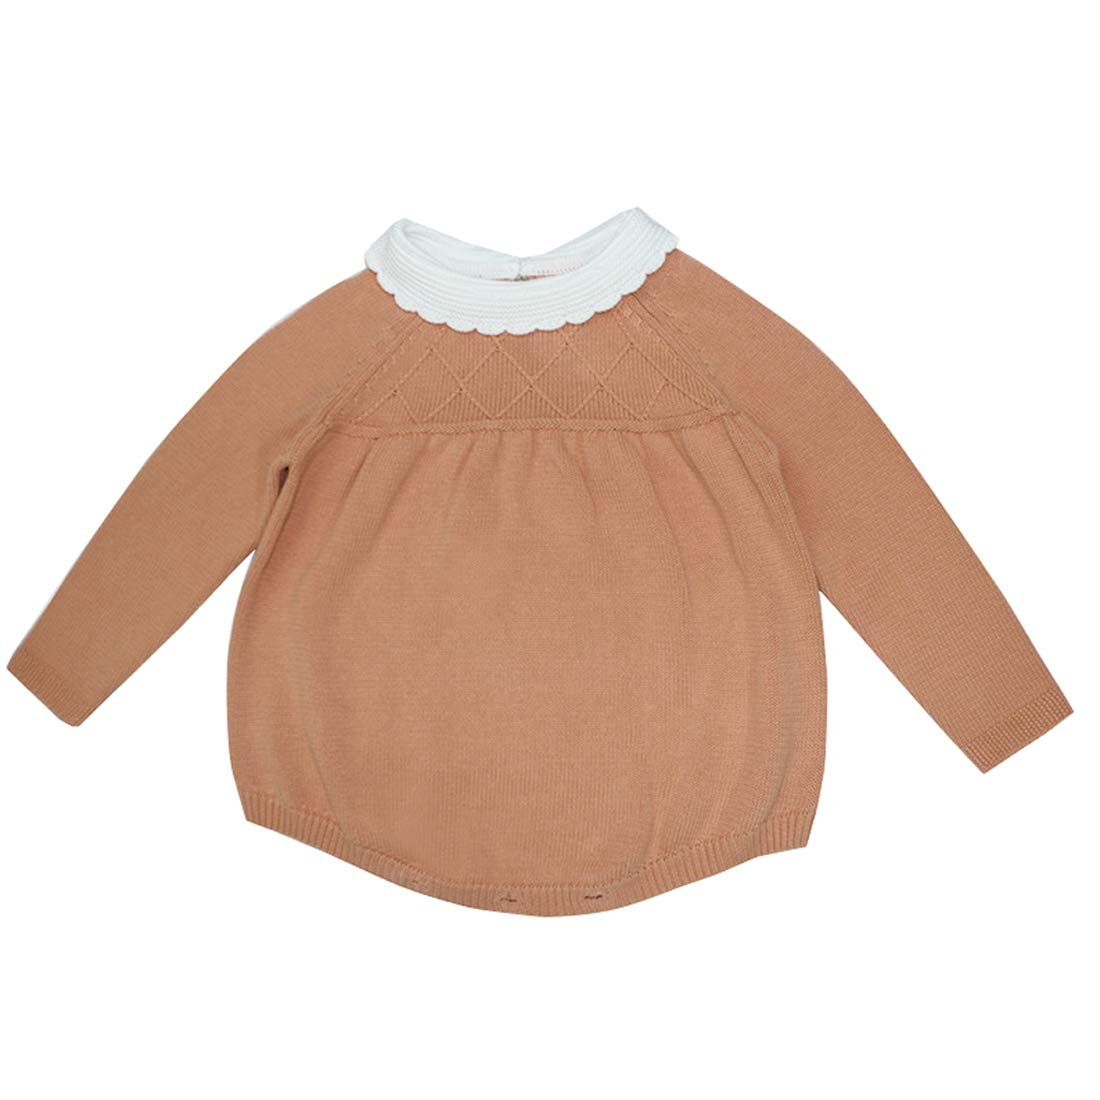 Wennikids Infant Newborn Baby Romper Long Sleeve Sweater Knitted Bubble Romper